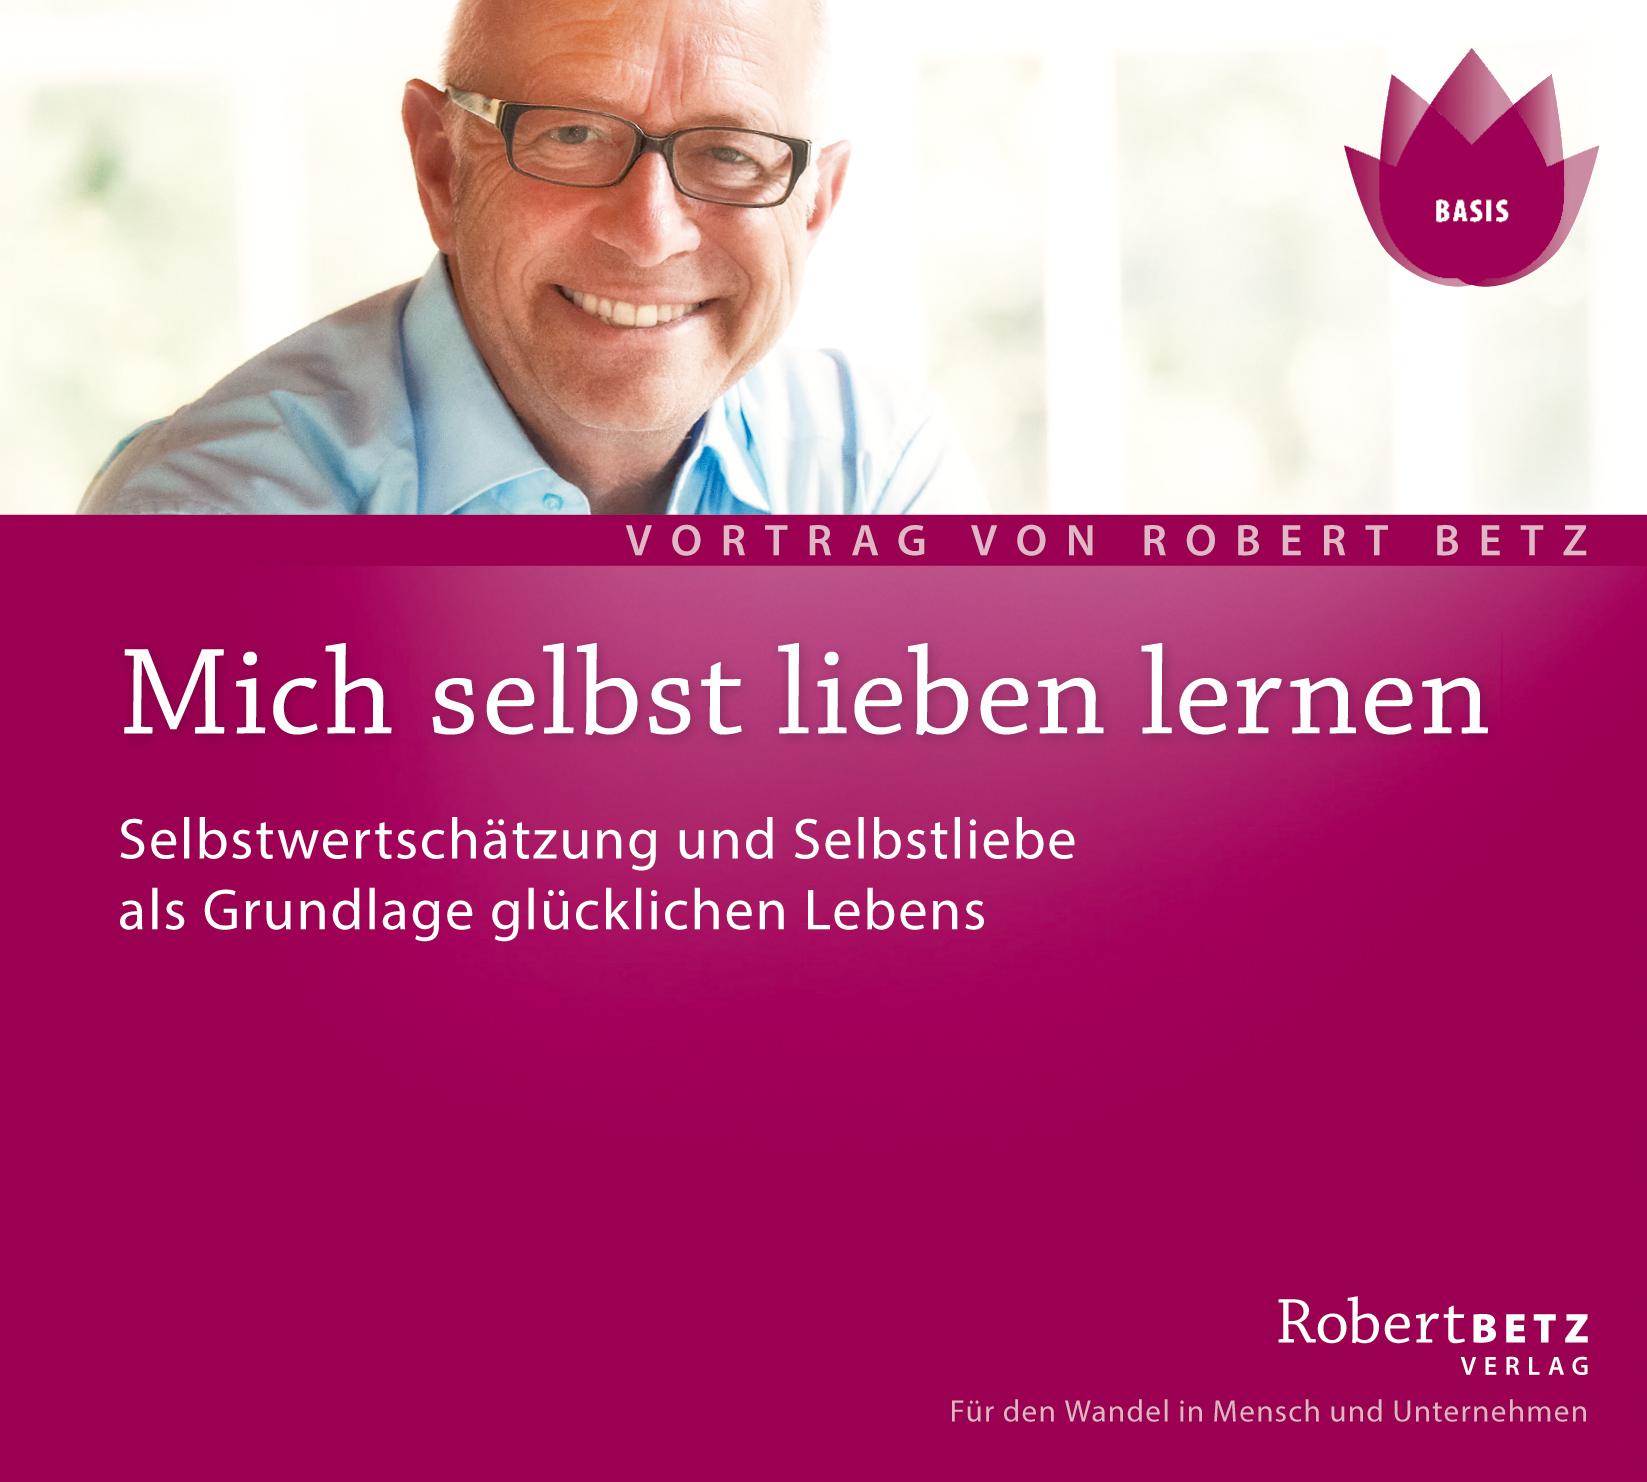 Mich selbst Lieben lernen: Selbstwertschätzung und Selbstliebe als Grundlage glücklichen Lebens - Robert T. Betz